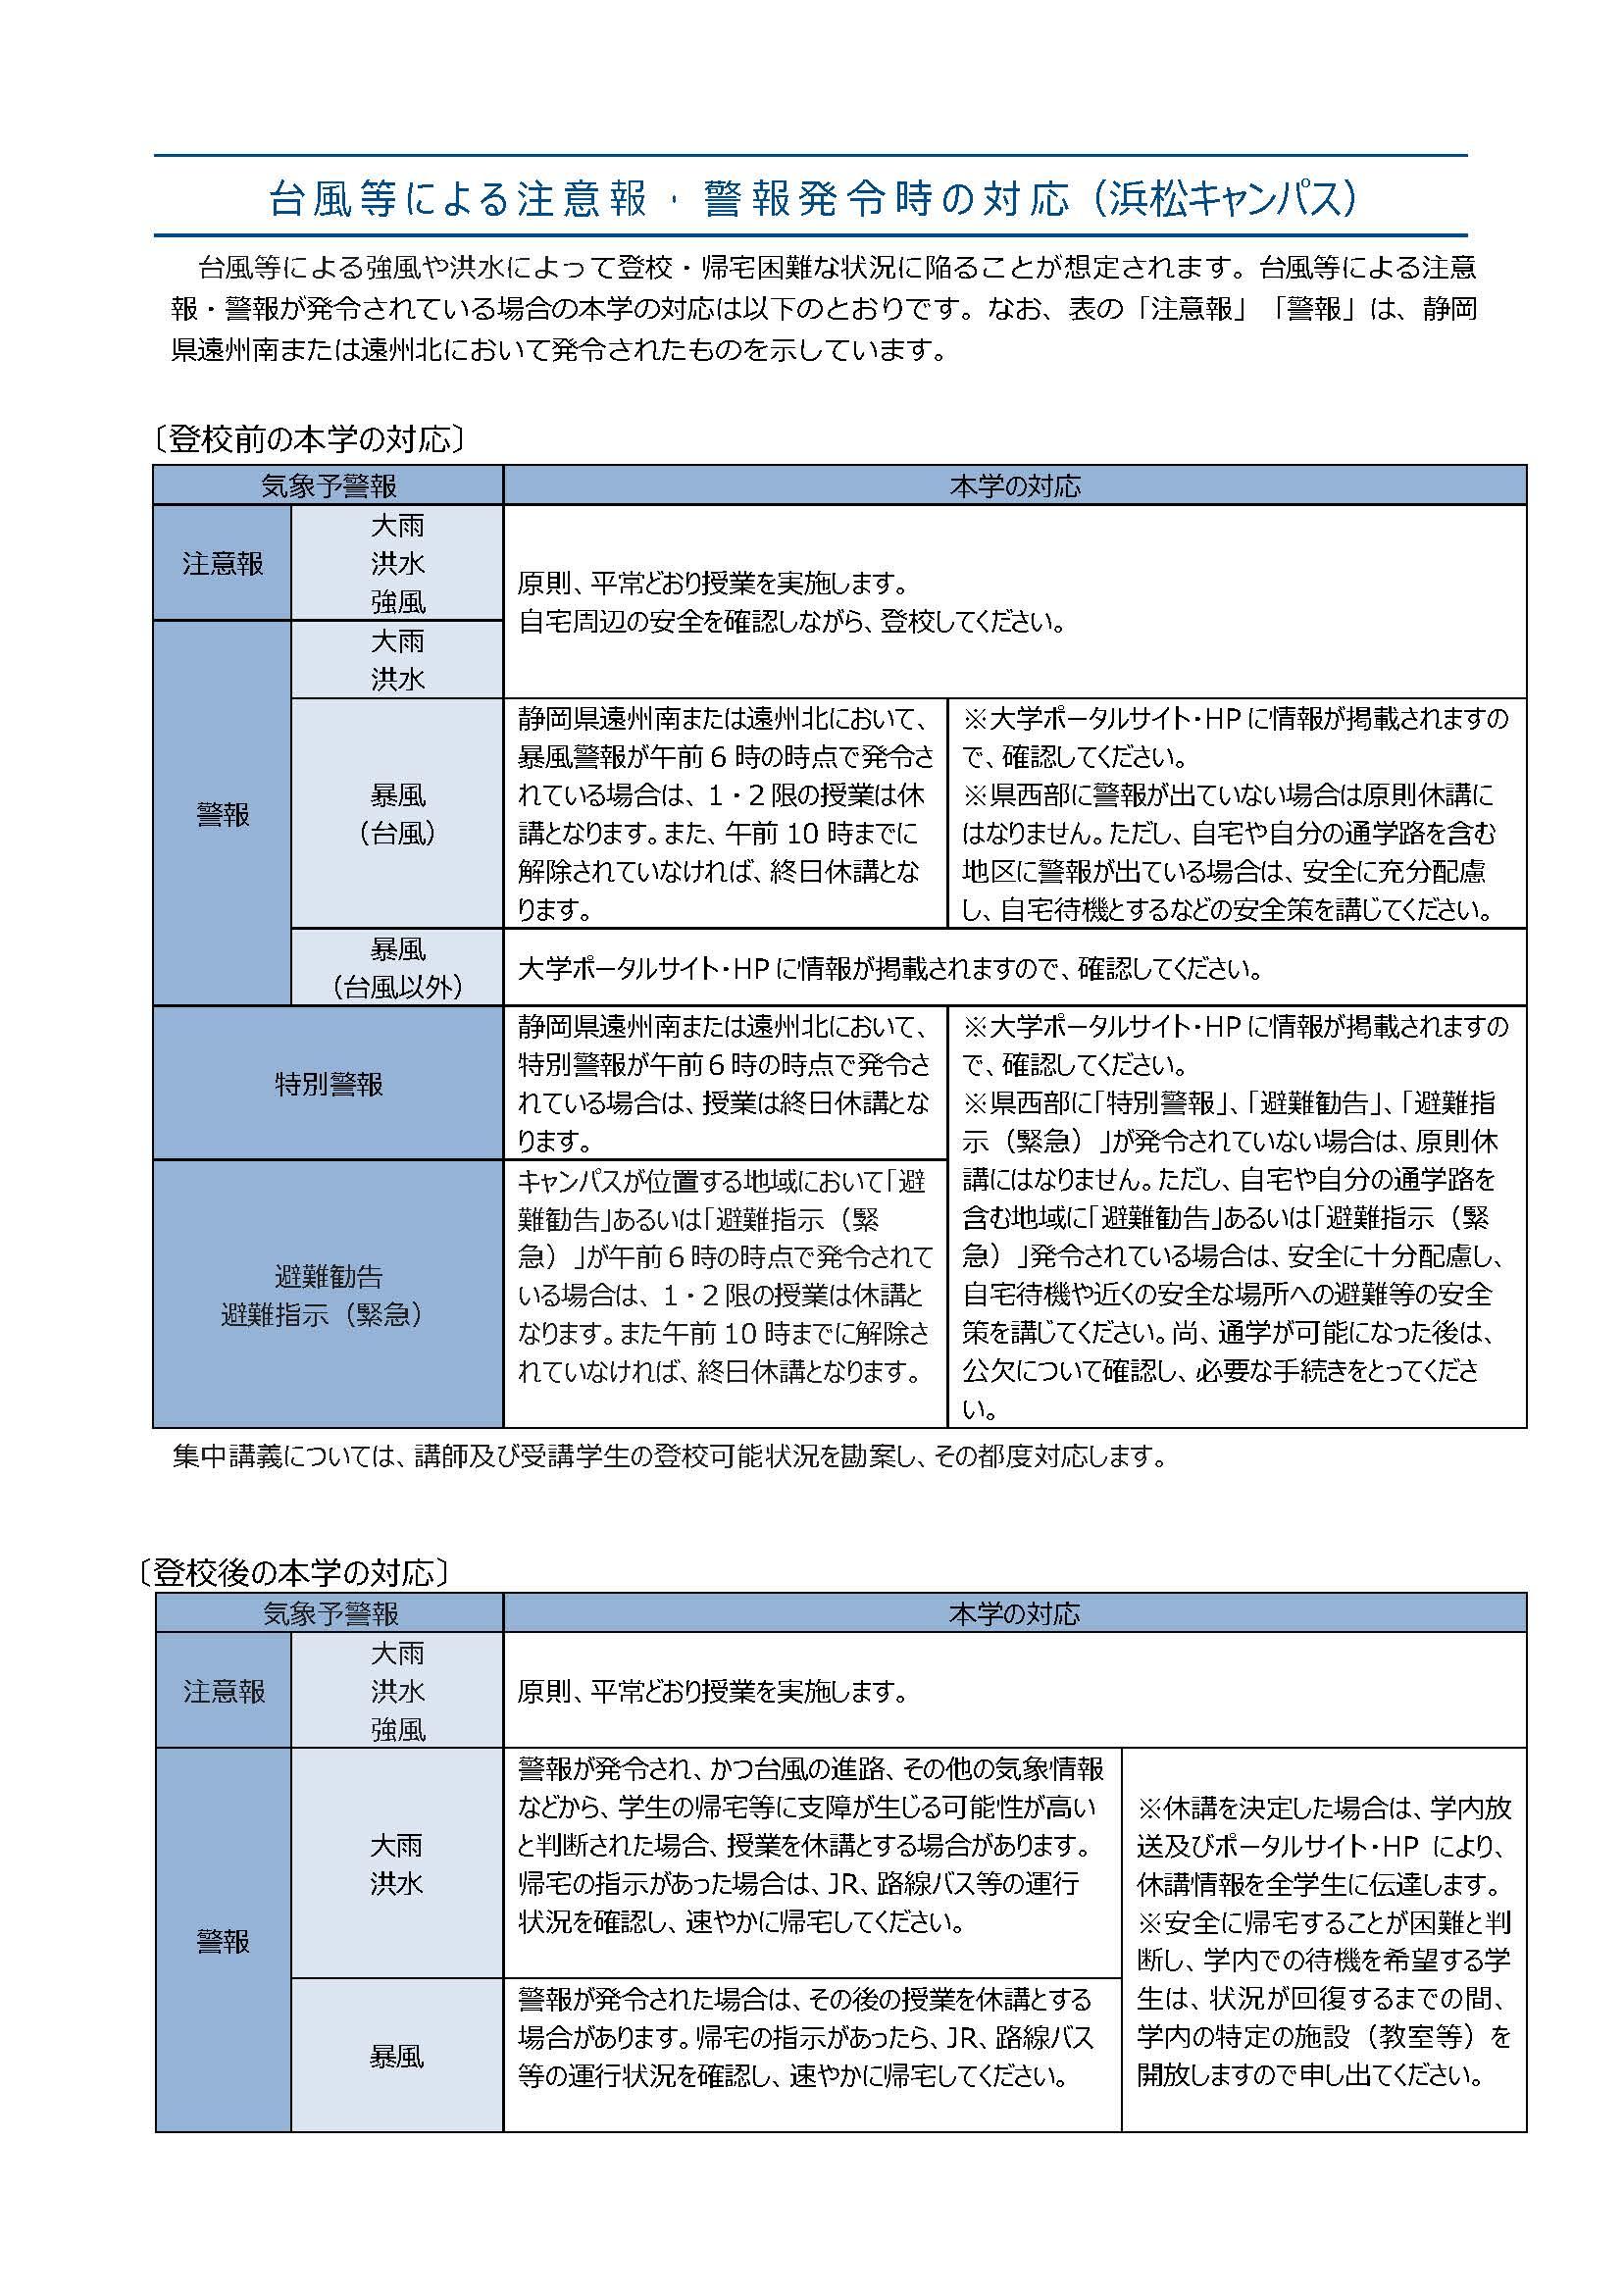 ポータルサイト 常葉大学 浜松キャンパス